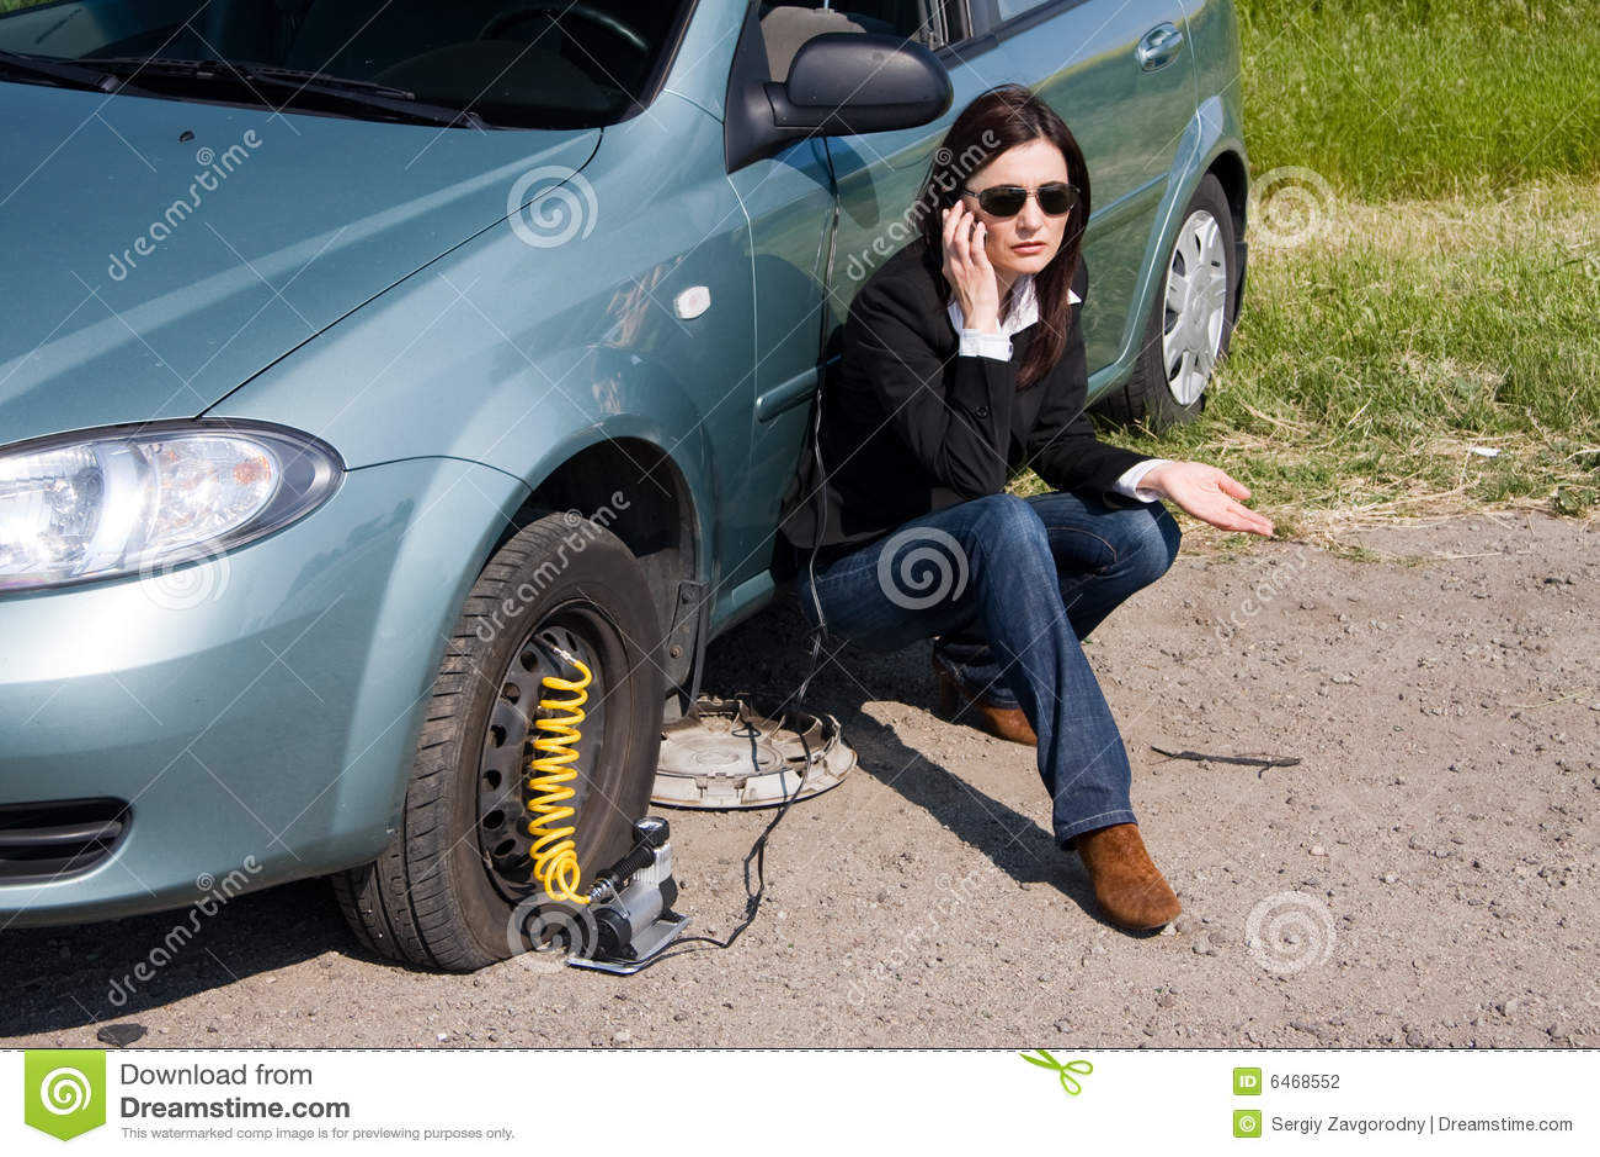 Richiesta per guida